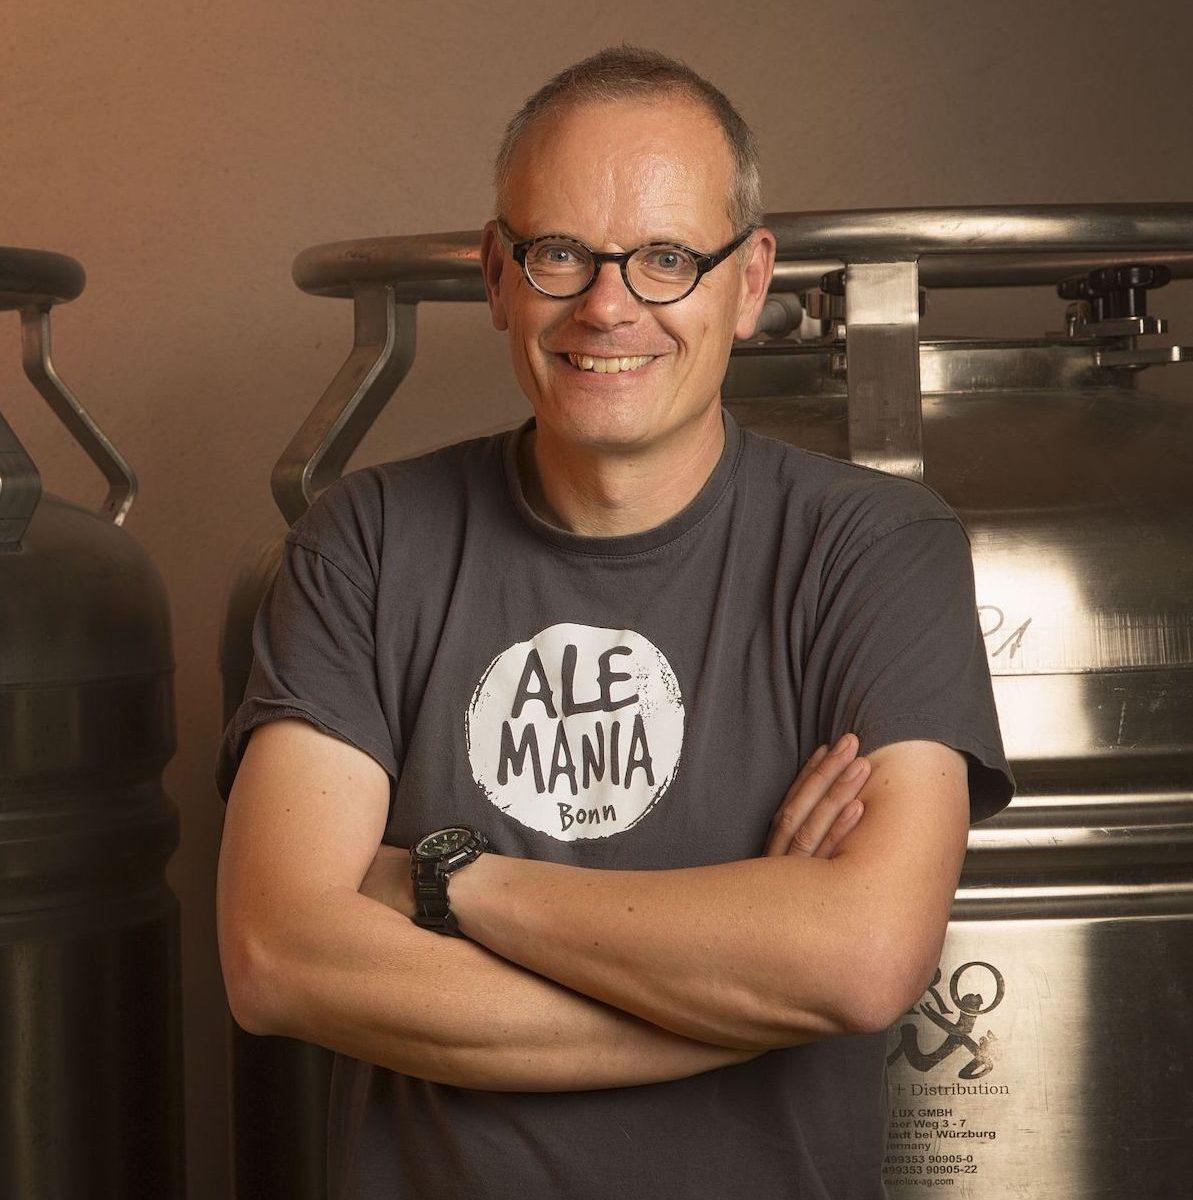 Fritz Wülfing ist Gründer von Ale-Mania Bonn und zu Gast bei HHopcast